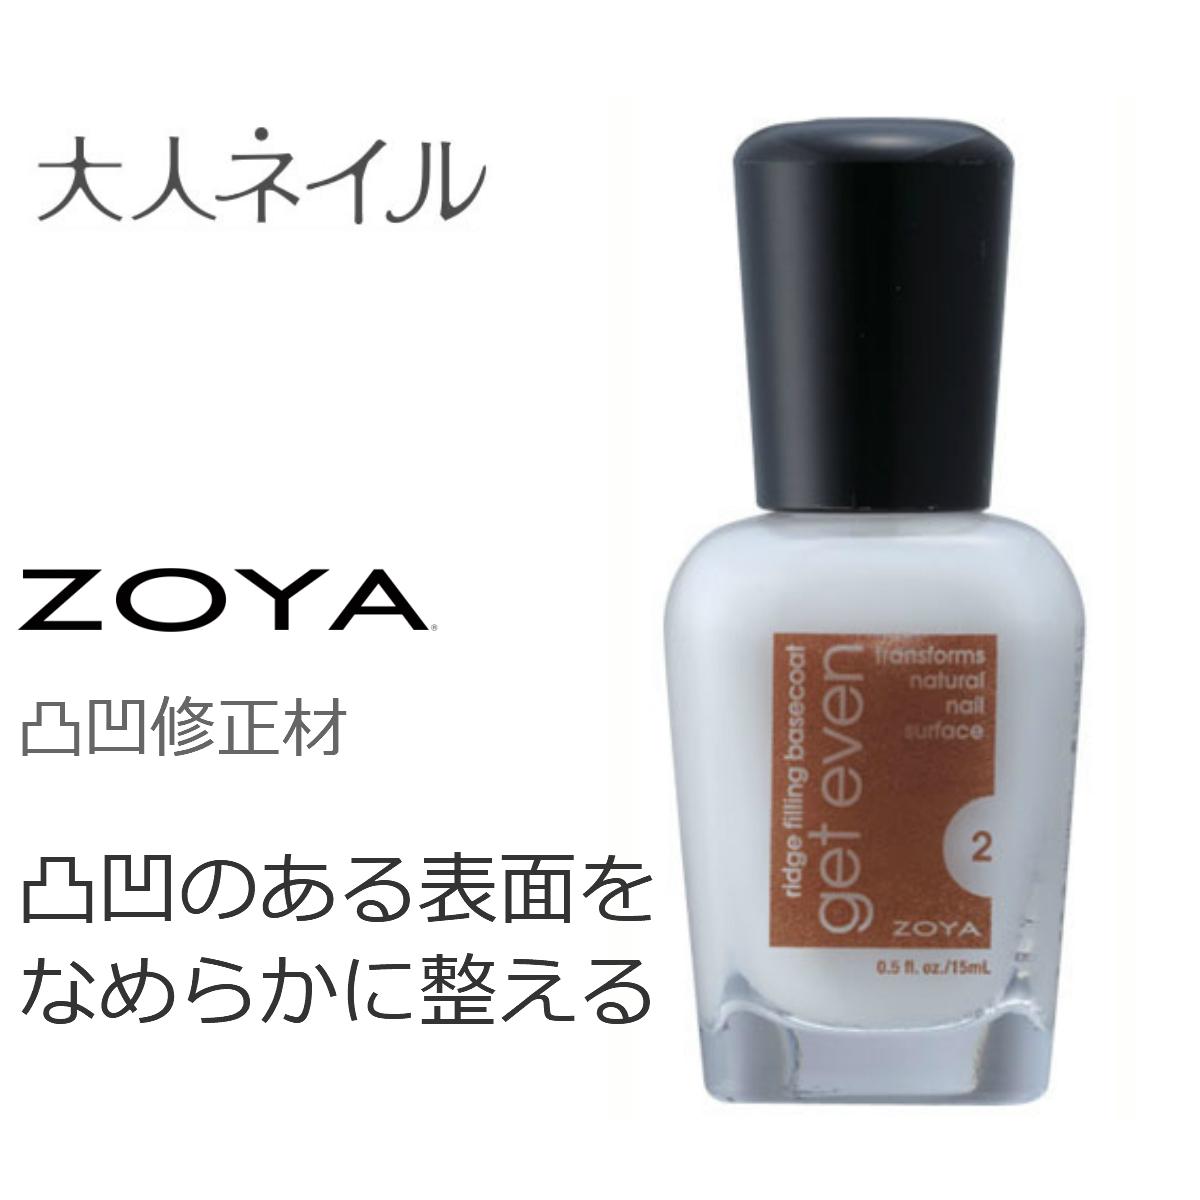 ZOYA(ゾーヤ)ゲットイーブン(凹凸修正剤) ZTGE01 リッジフィラー ベースコート ZTGE01 自爪 の為に作られた ネイル にやさしい ネイルカラー 自然派 マニキュア zoya セルフネイル にもおすすめ